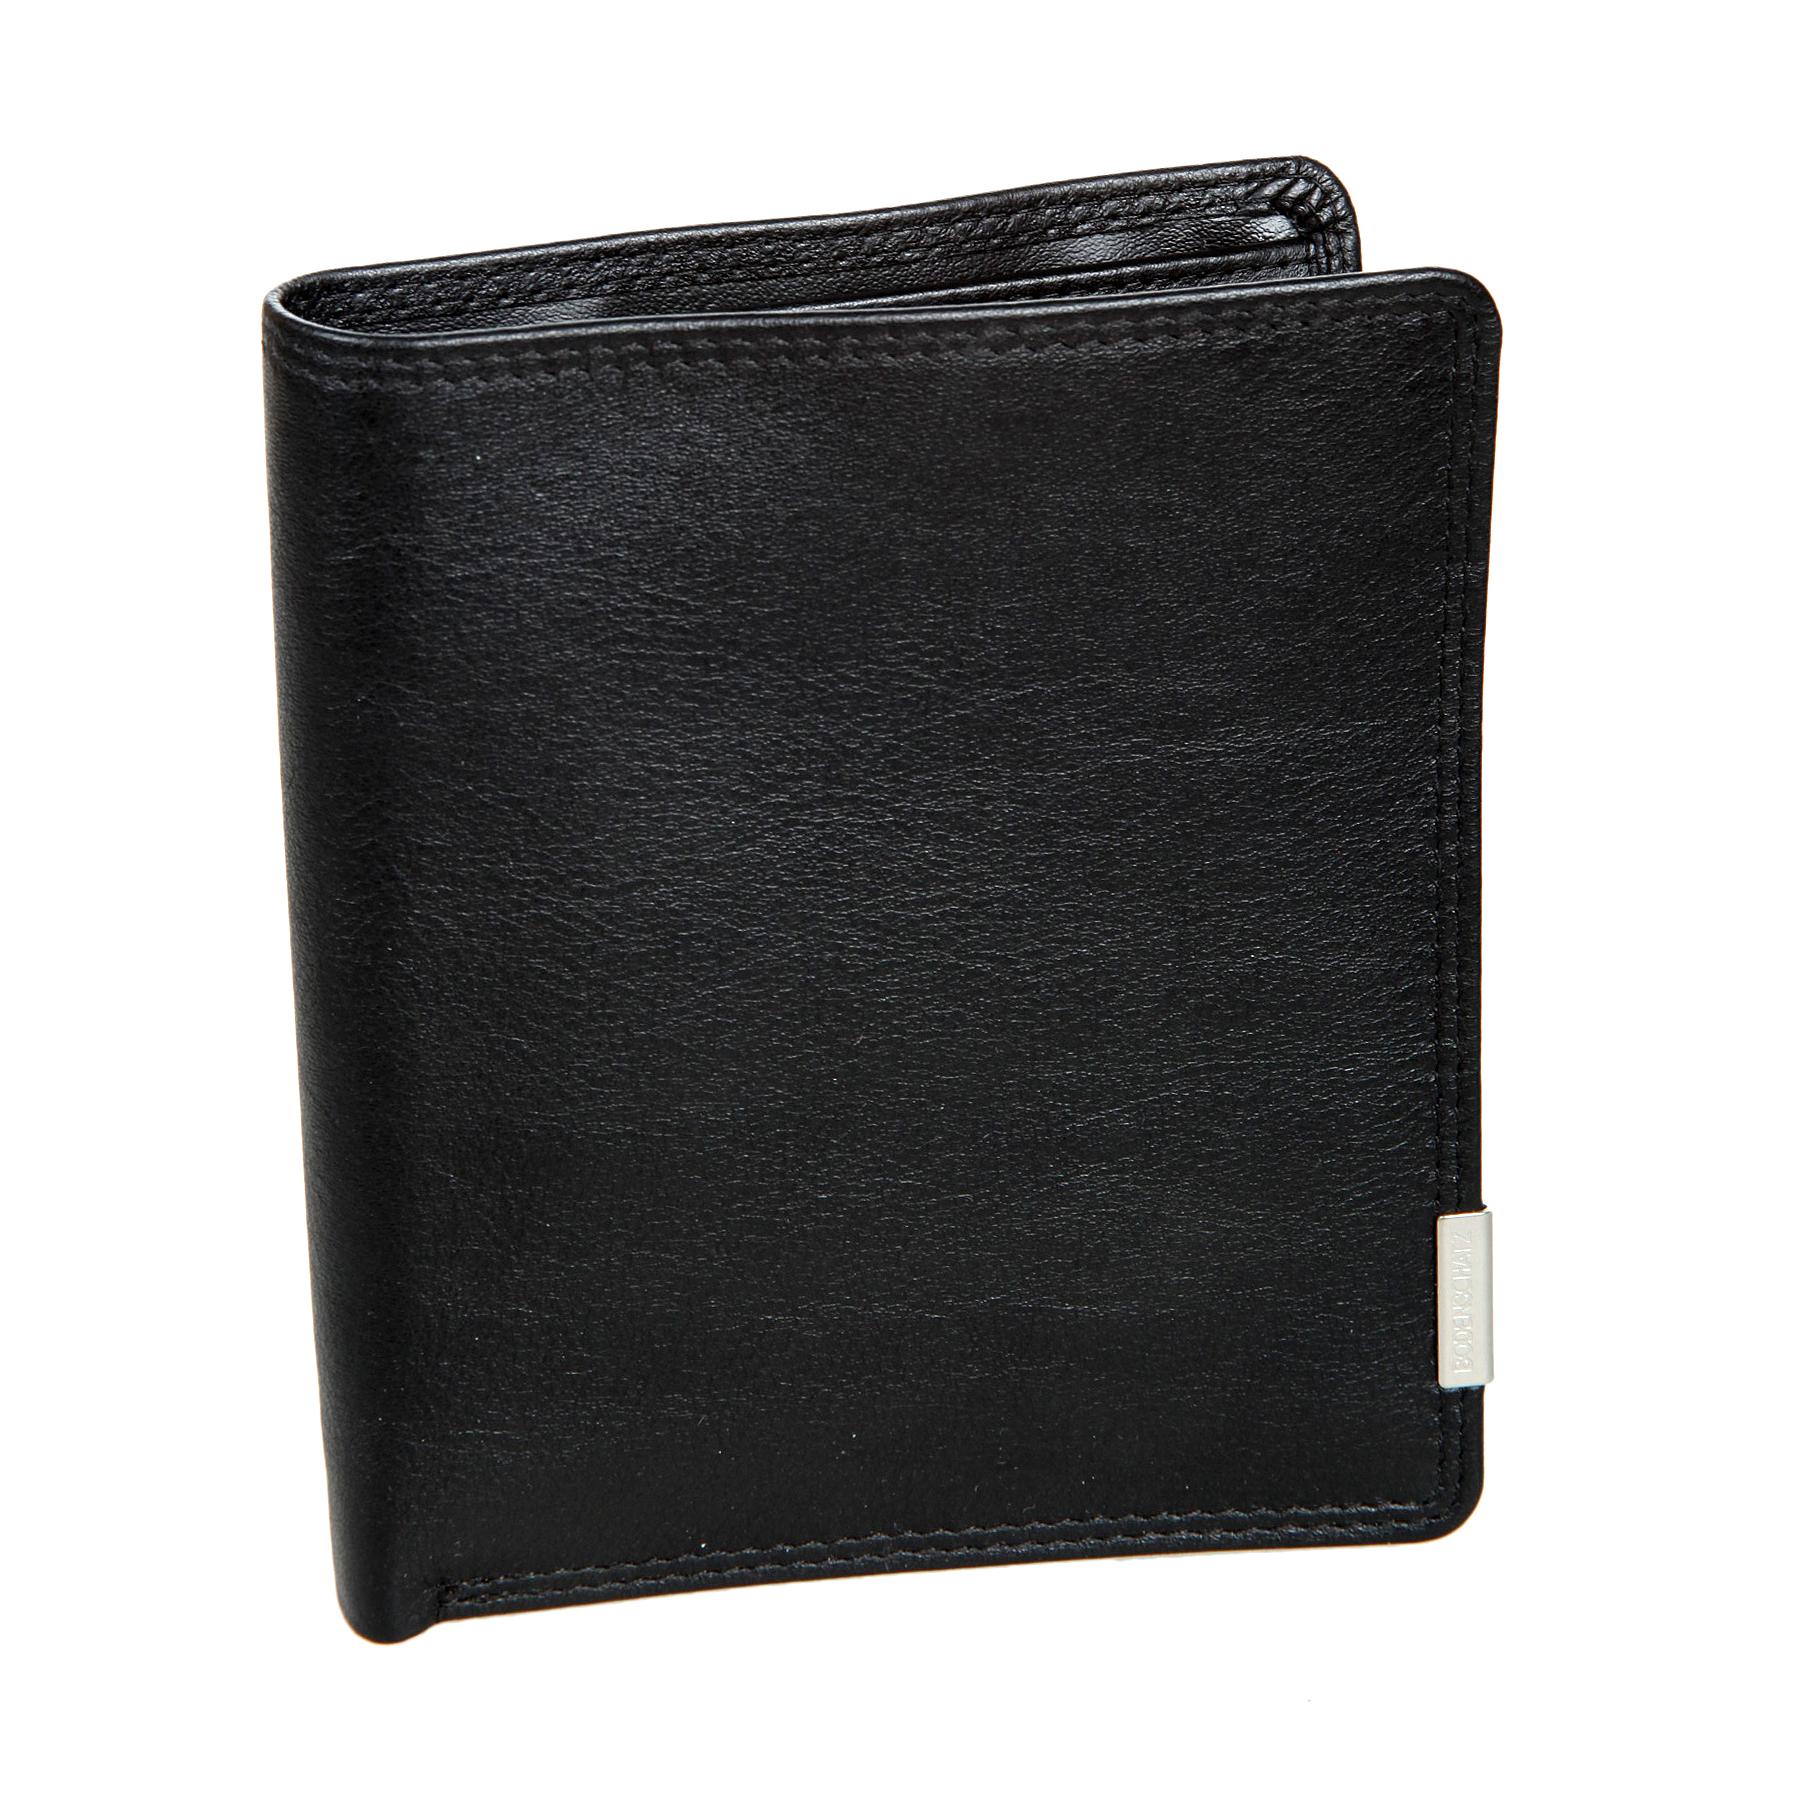 Портмоне мужское Bodenschatz, цвет: черный. 8-6908-690 blackПортмоне мужское Bodenschatz выполнено из натуральной кожи. Модель раскладывается пополам, внутри два отдела для купюр, в первом предусмотрен потайной карман для крупных купюр. Отделение для монет закрывается клапаном на кнопку. Имеются три кармана для документов, четыре кармашка для пластиковых карт, один из них сетчатый, съемное отделение для документов. Дополнительно: мини ручка, пилочка для ногтей.